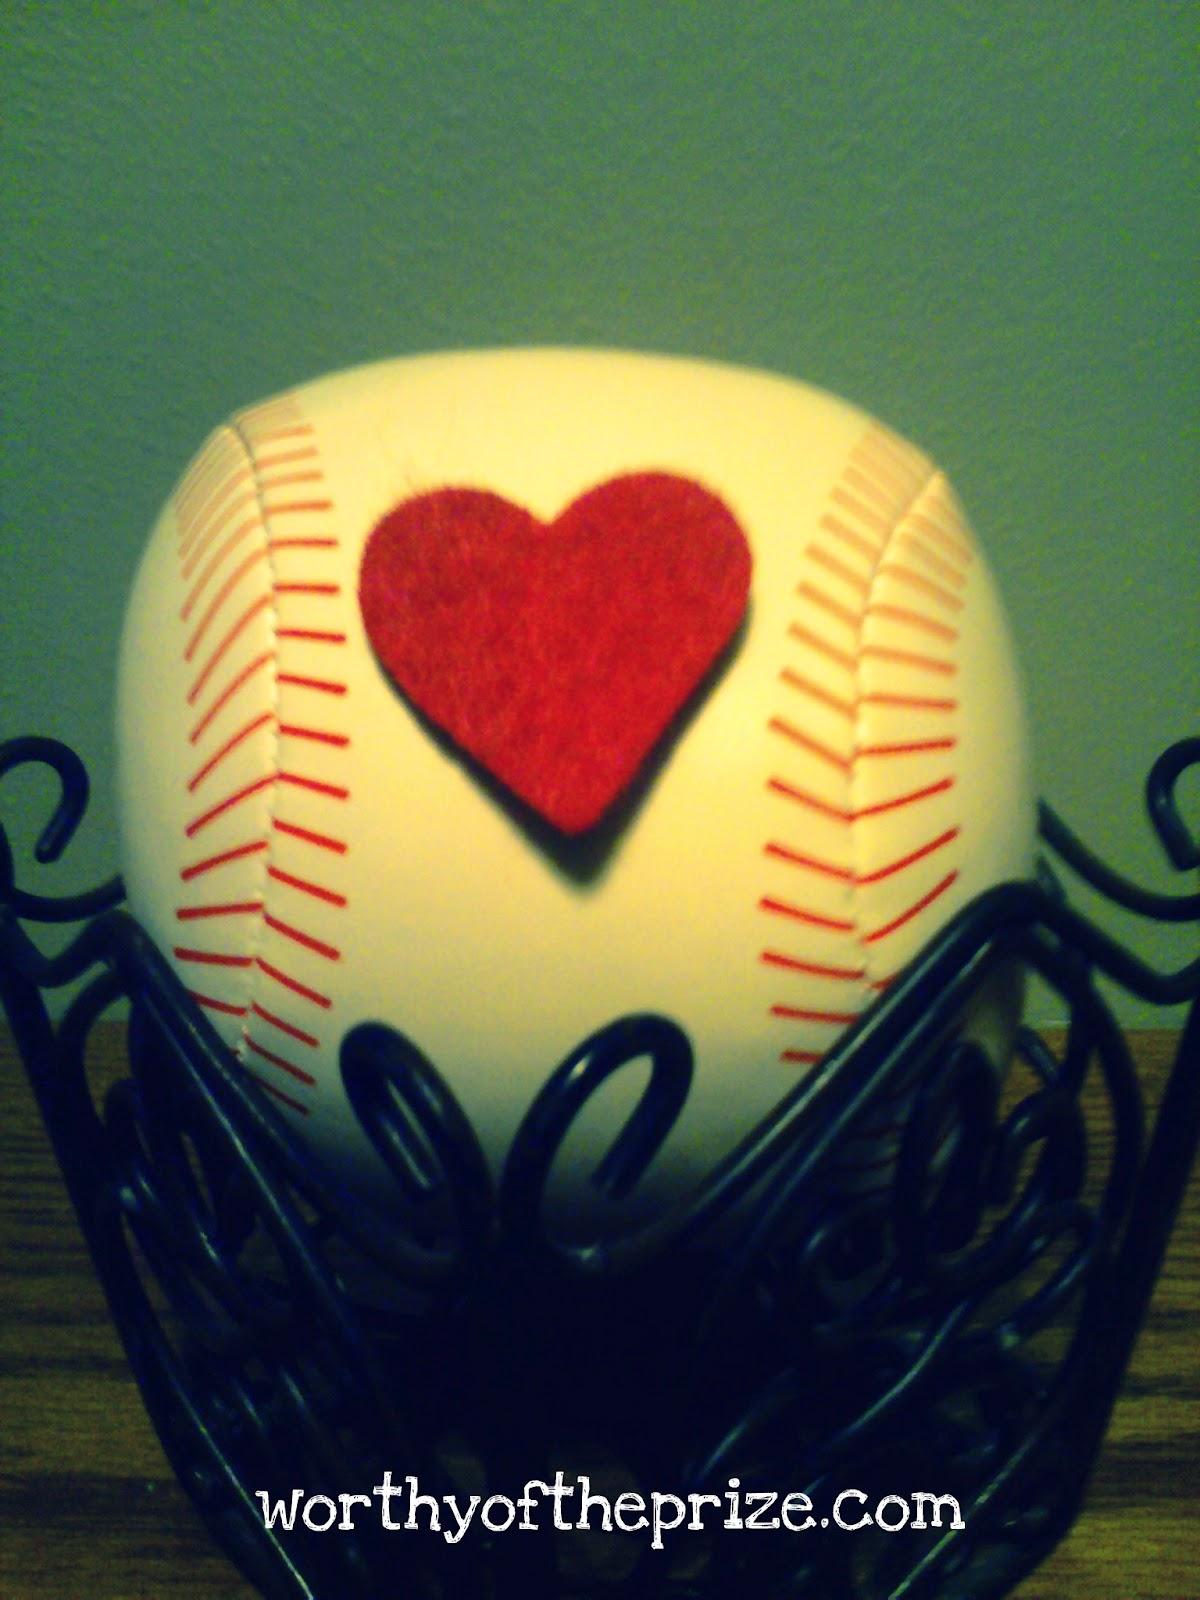 Baseball Love Quotes Worthyoftheprize Baseball Valentines